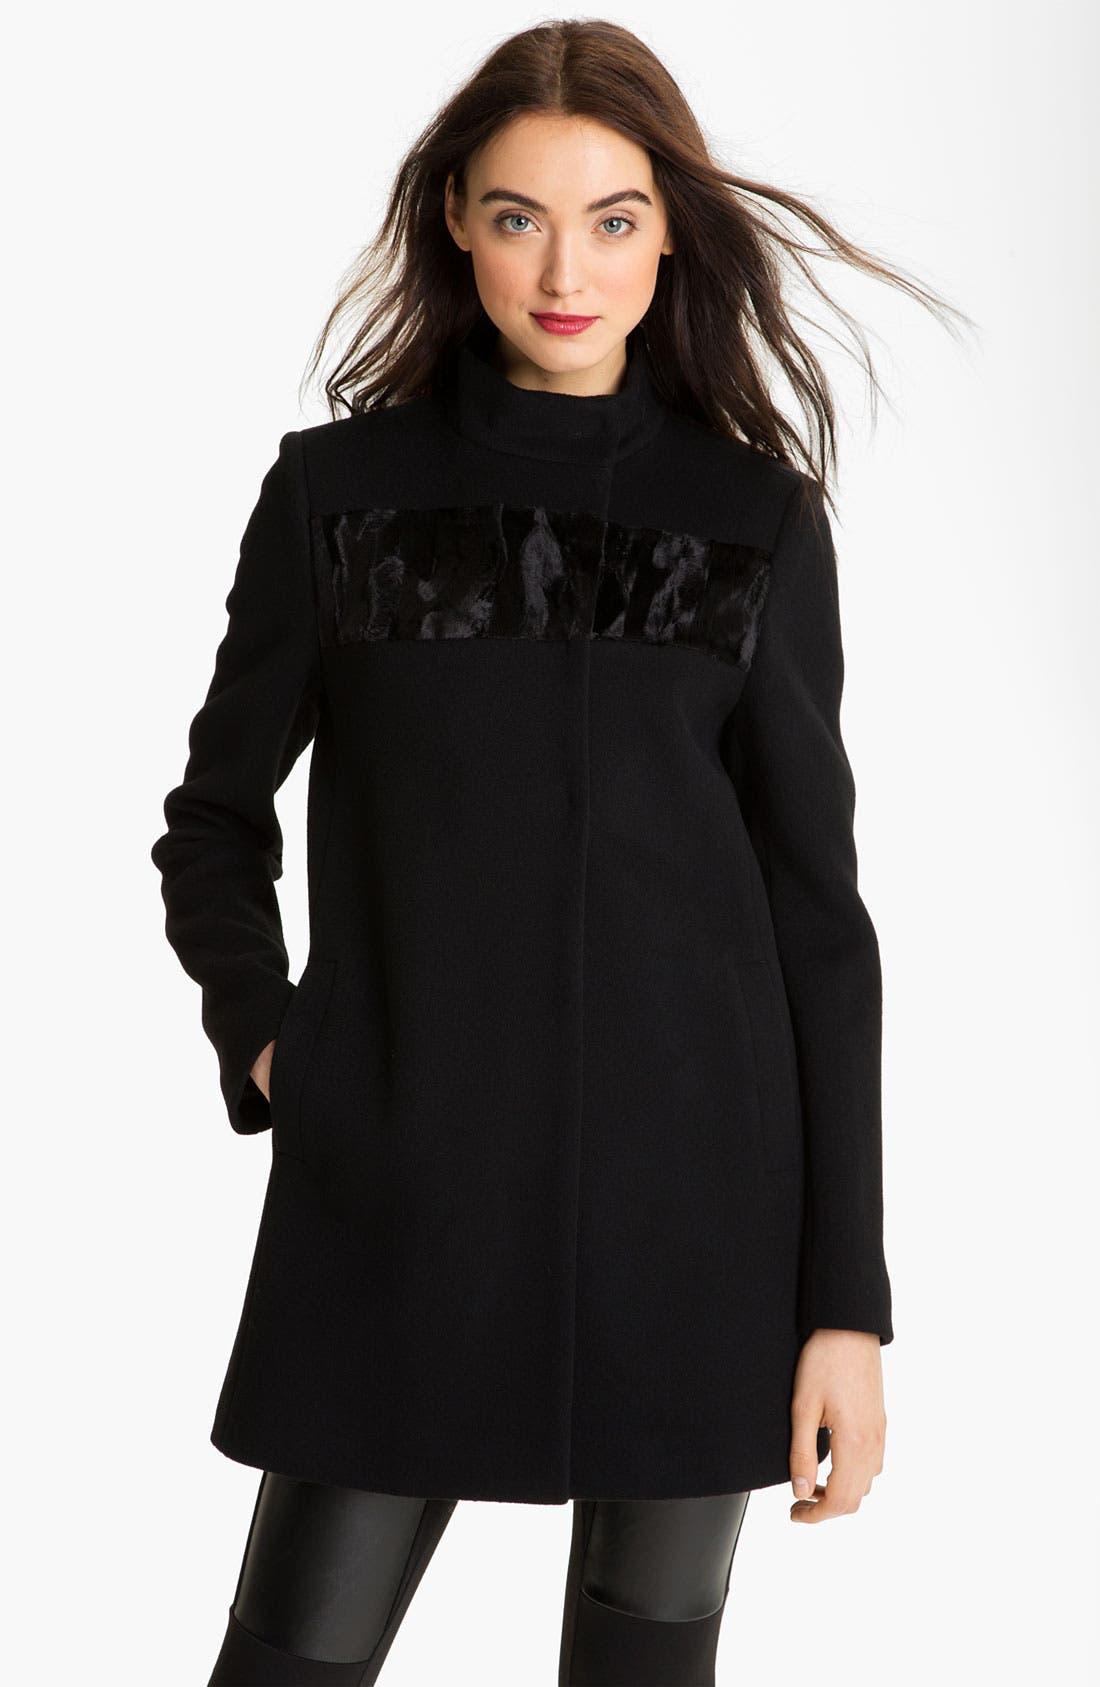 Alternate Image 1 Selected - Elie Tahari Wool Coat with Faux Fur Yoke (Online Exclusive)